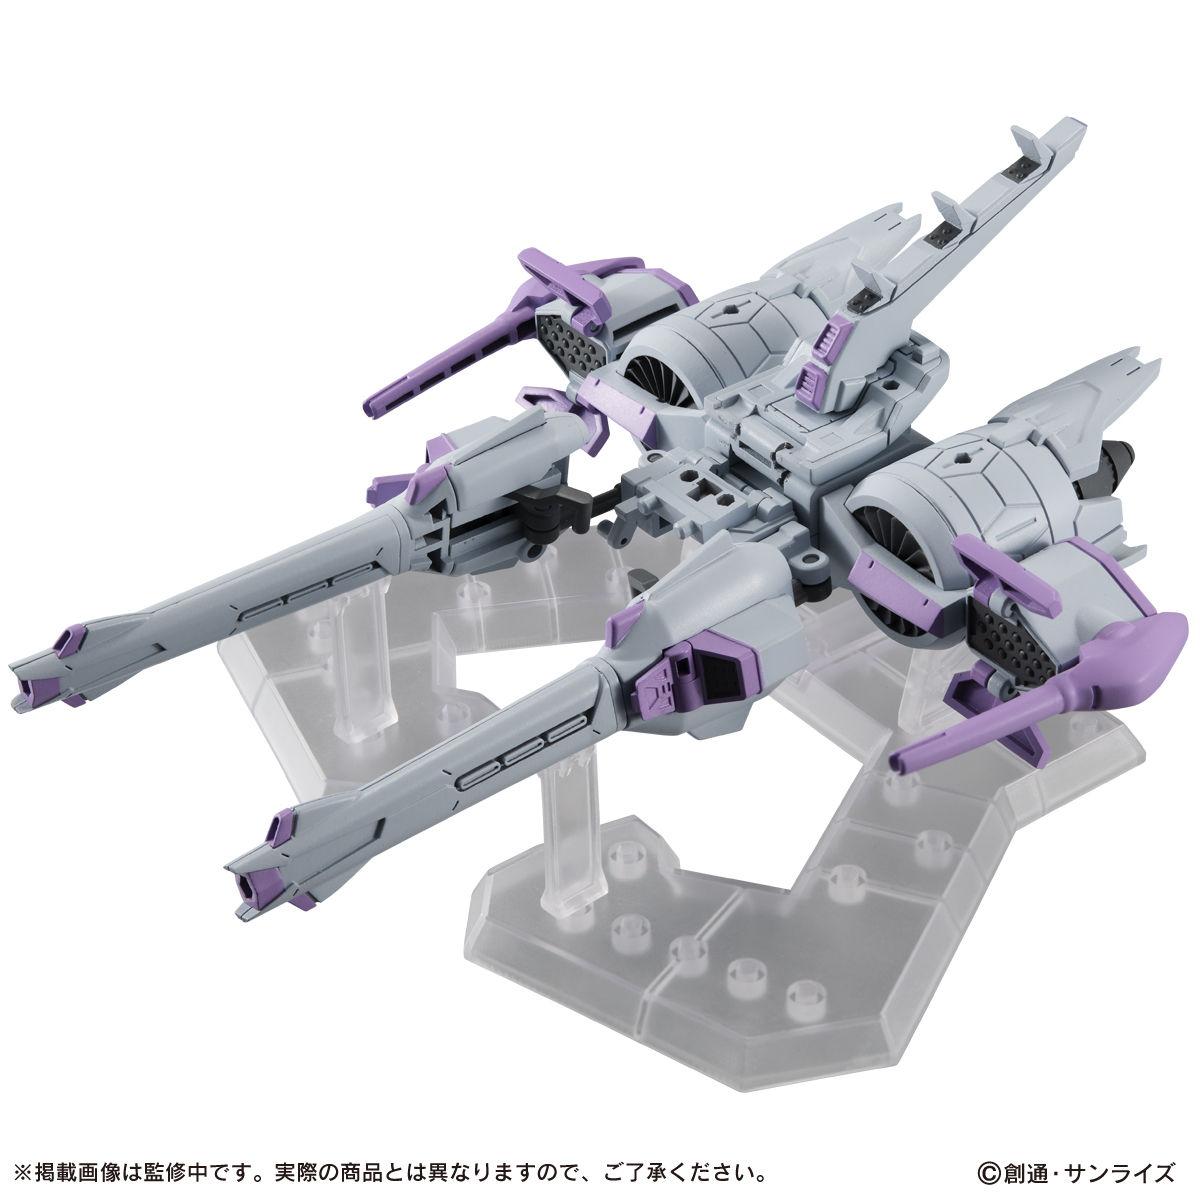 【限定販売】MOBILE SUIT ENSEMBLE『EX14A フリーダムガンダム』機動戦士ガンダムSEED 可動フィギュア-011